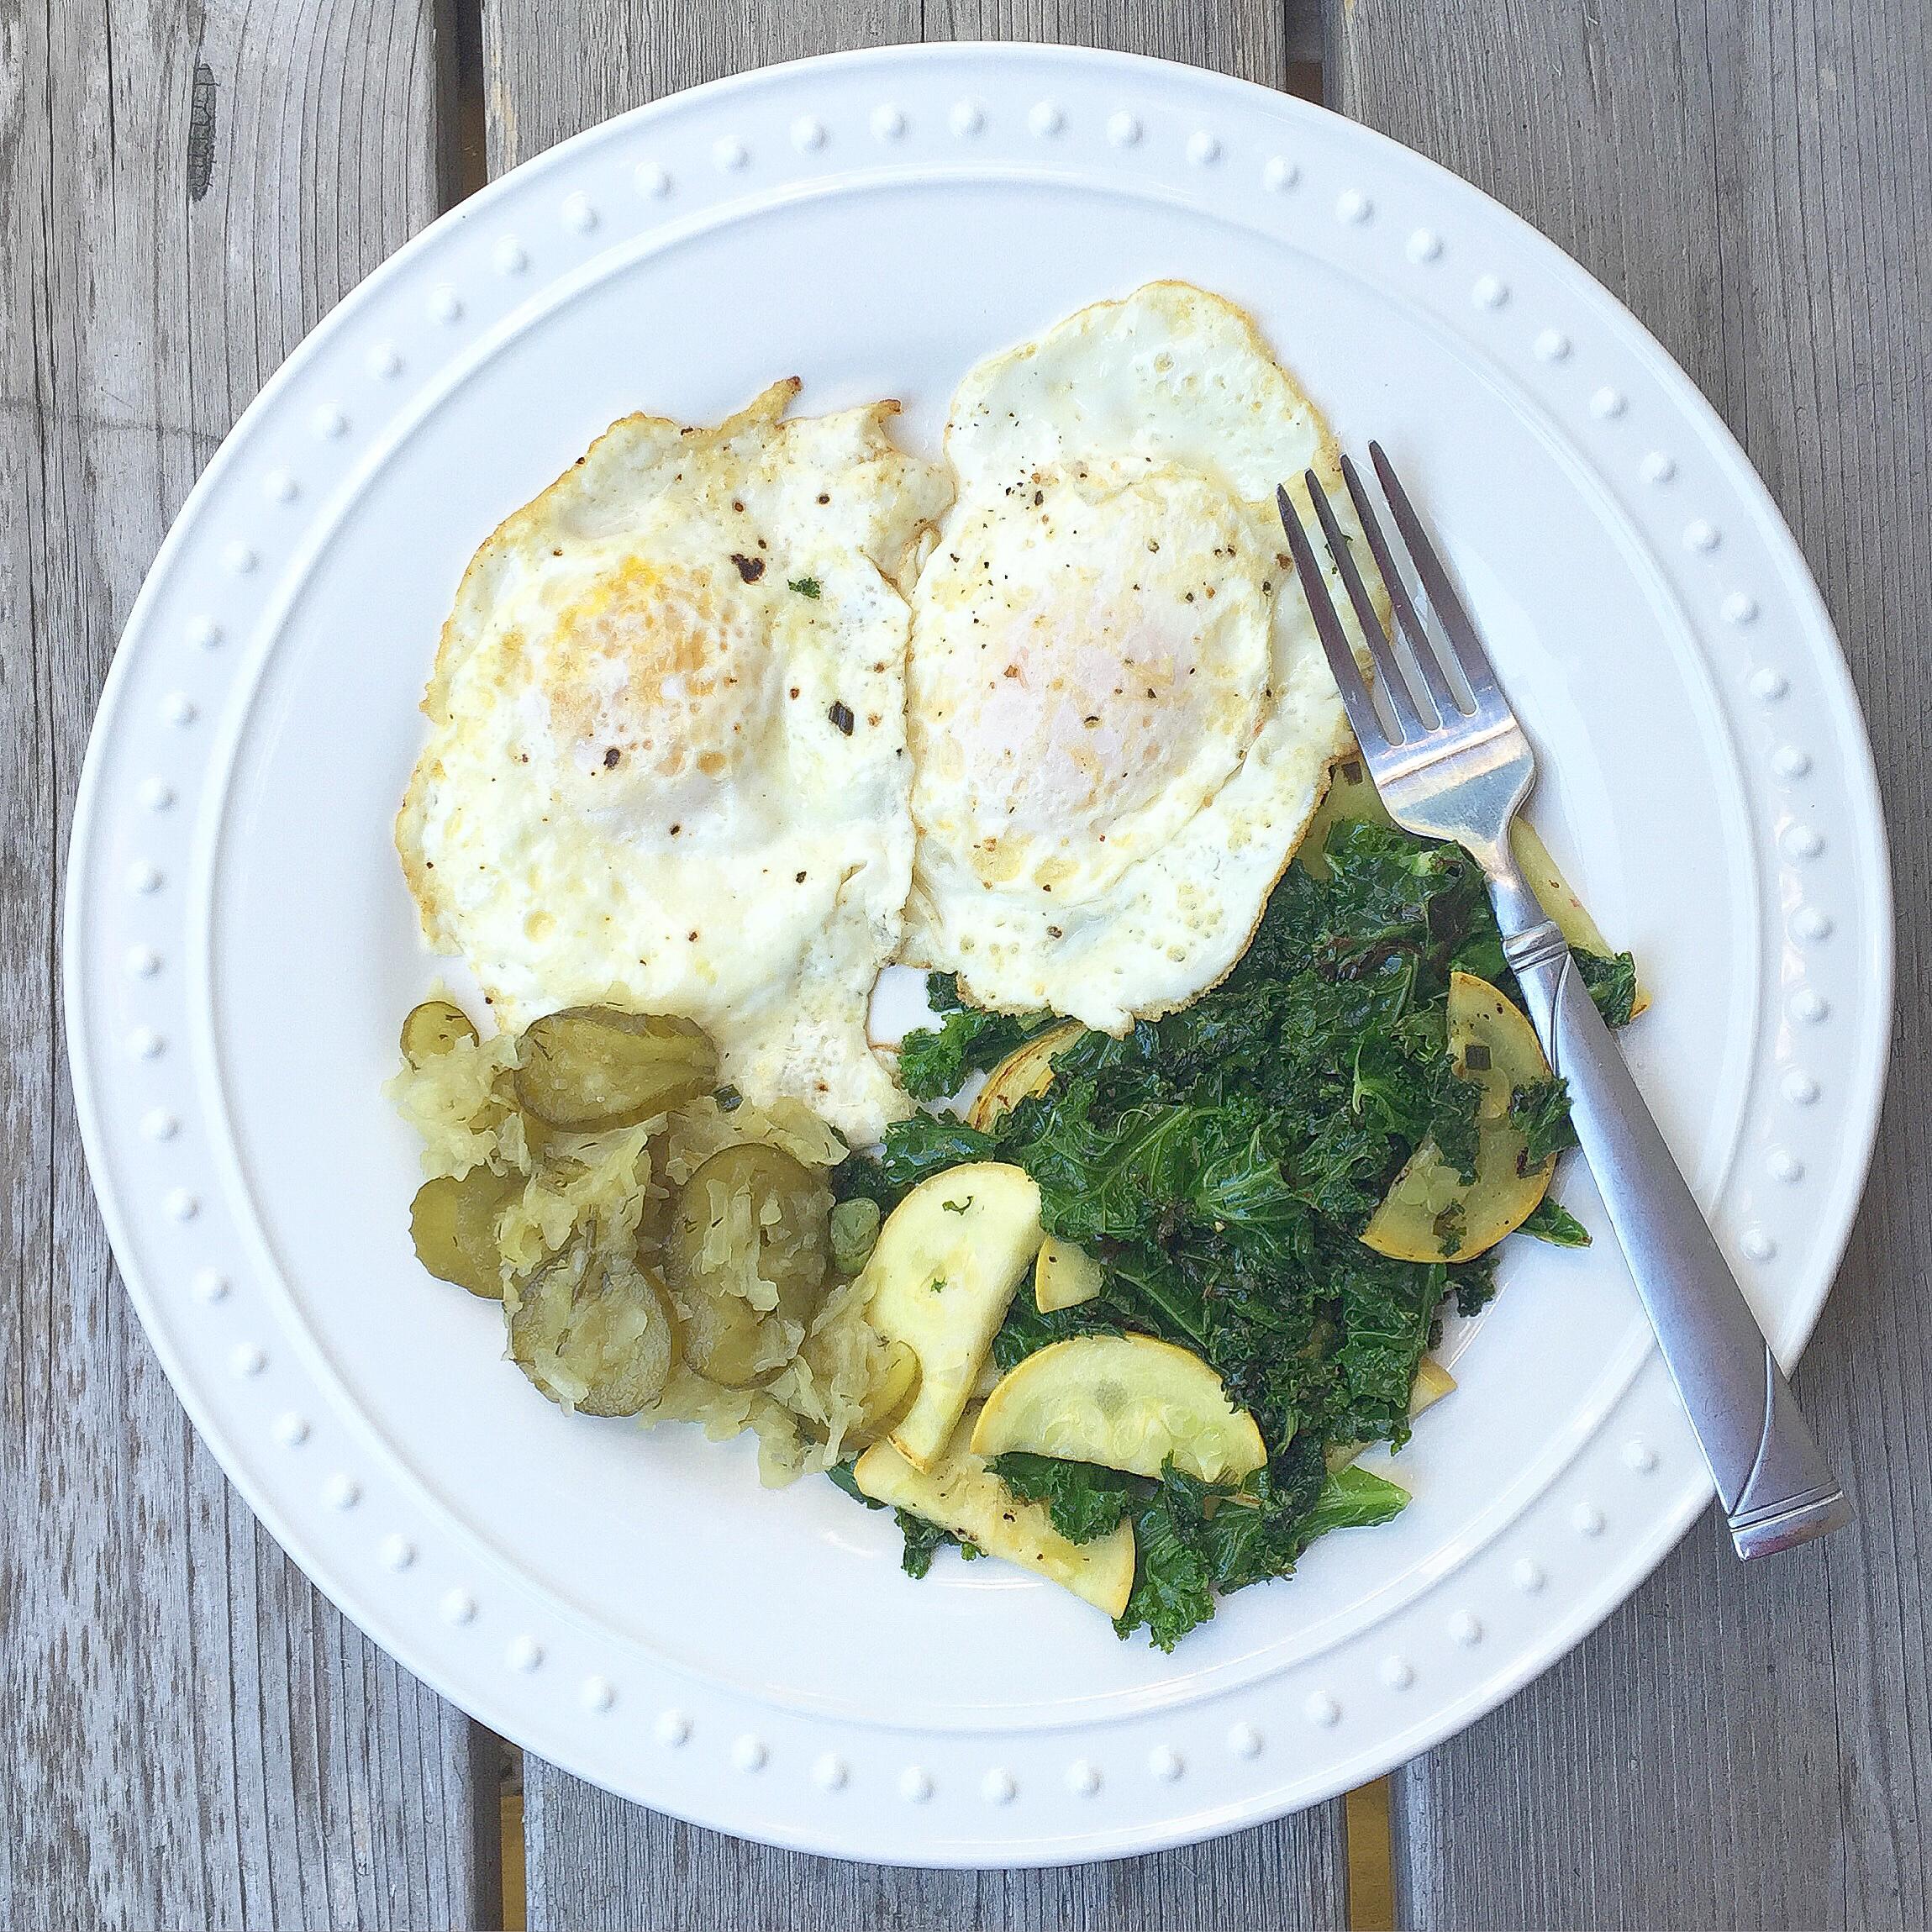 paleo diet, sugar detox, mindful eating, garden vegetables, homegrown, health blog, paleo blog, fitness blog